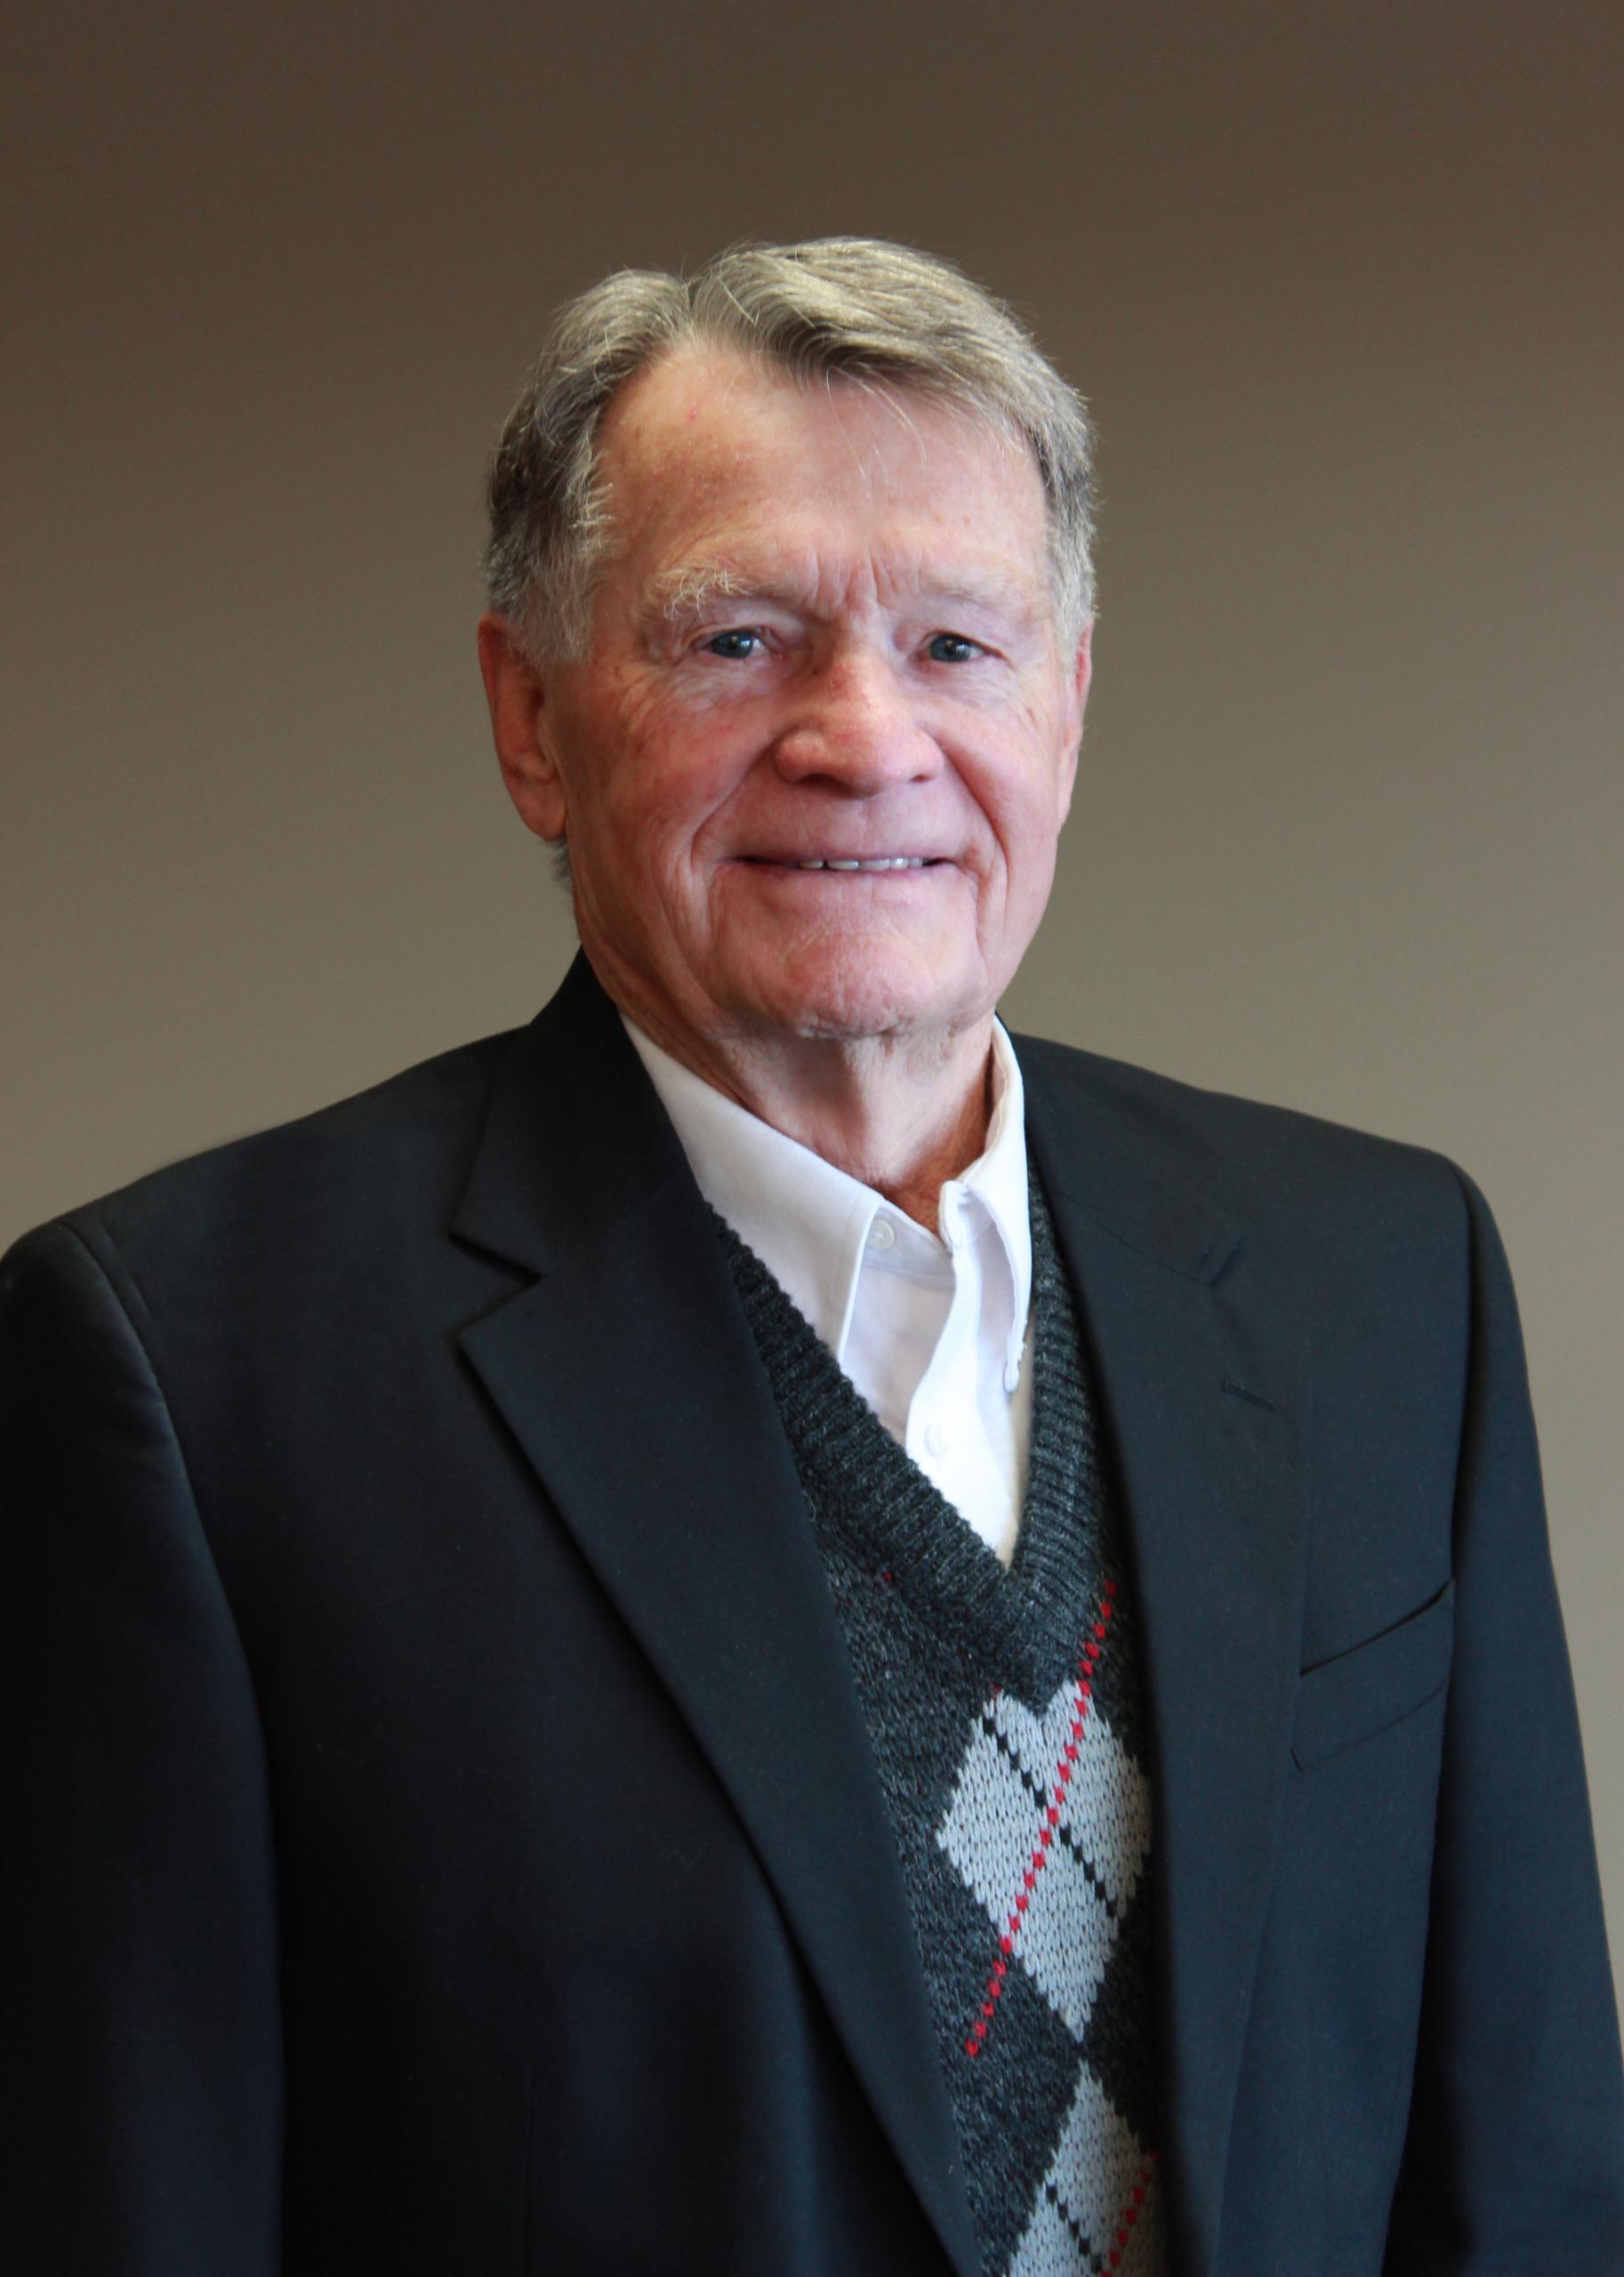 Everett McGlothlin